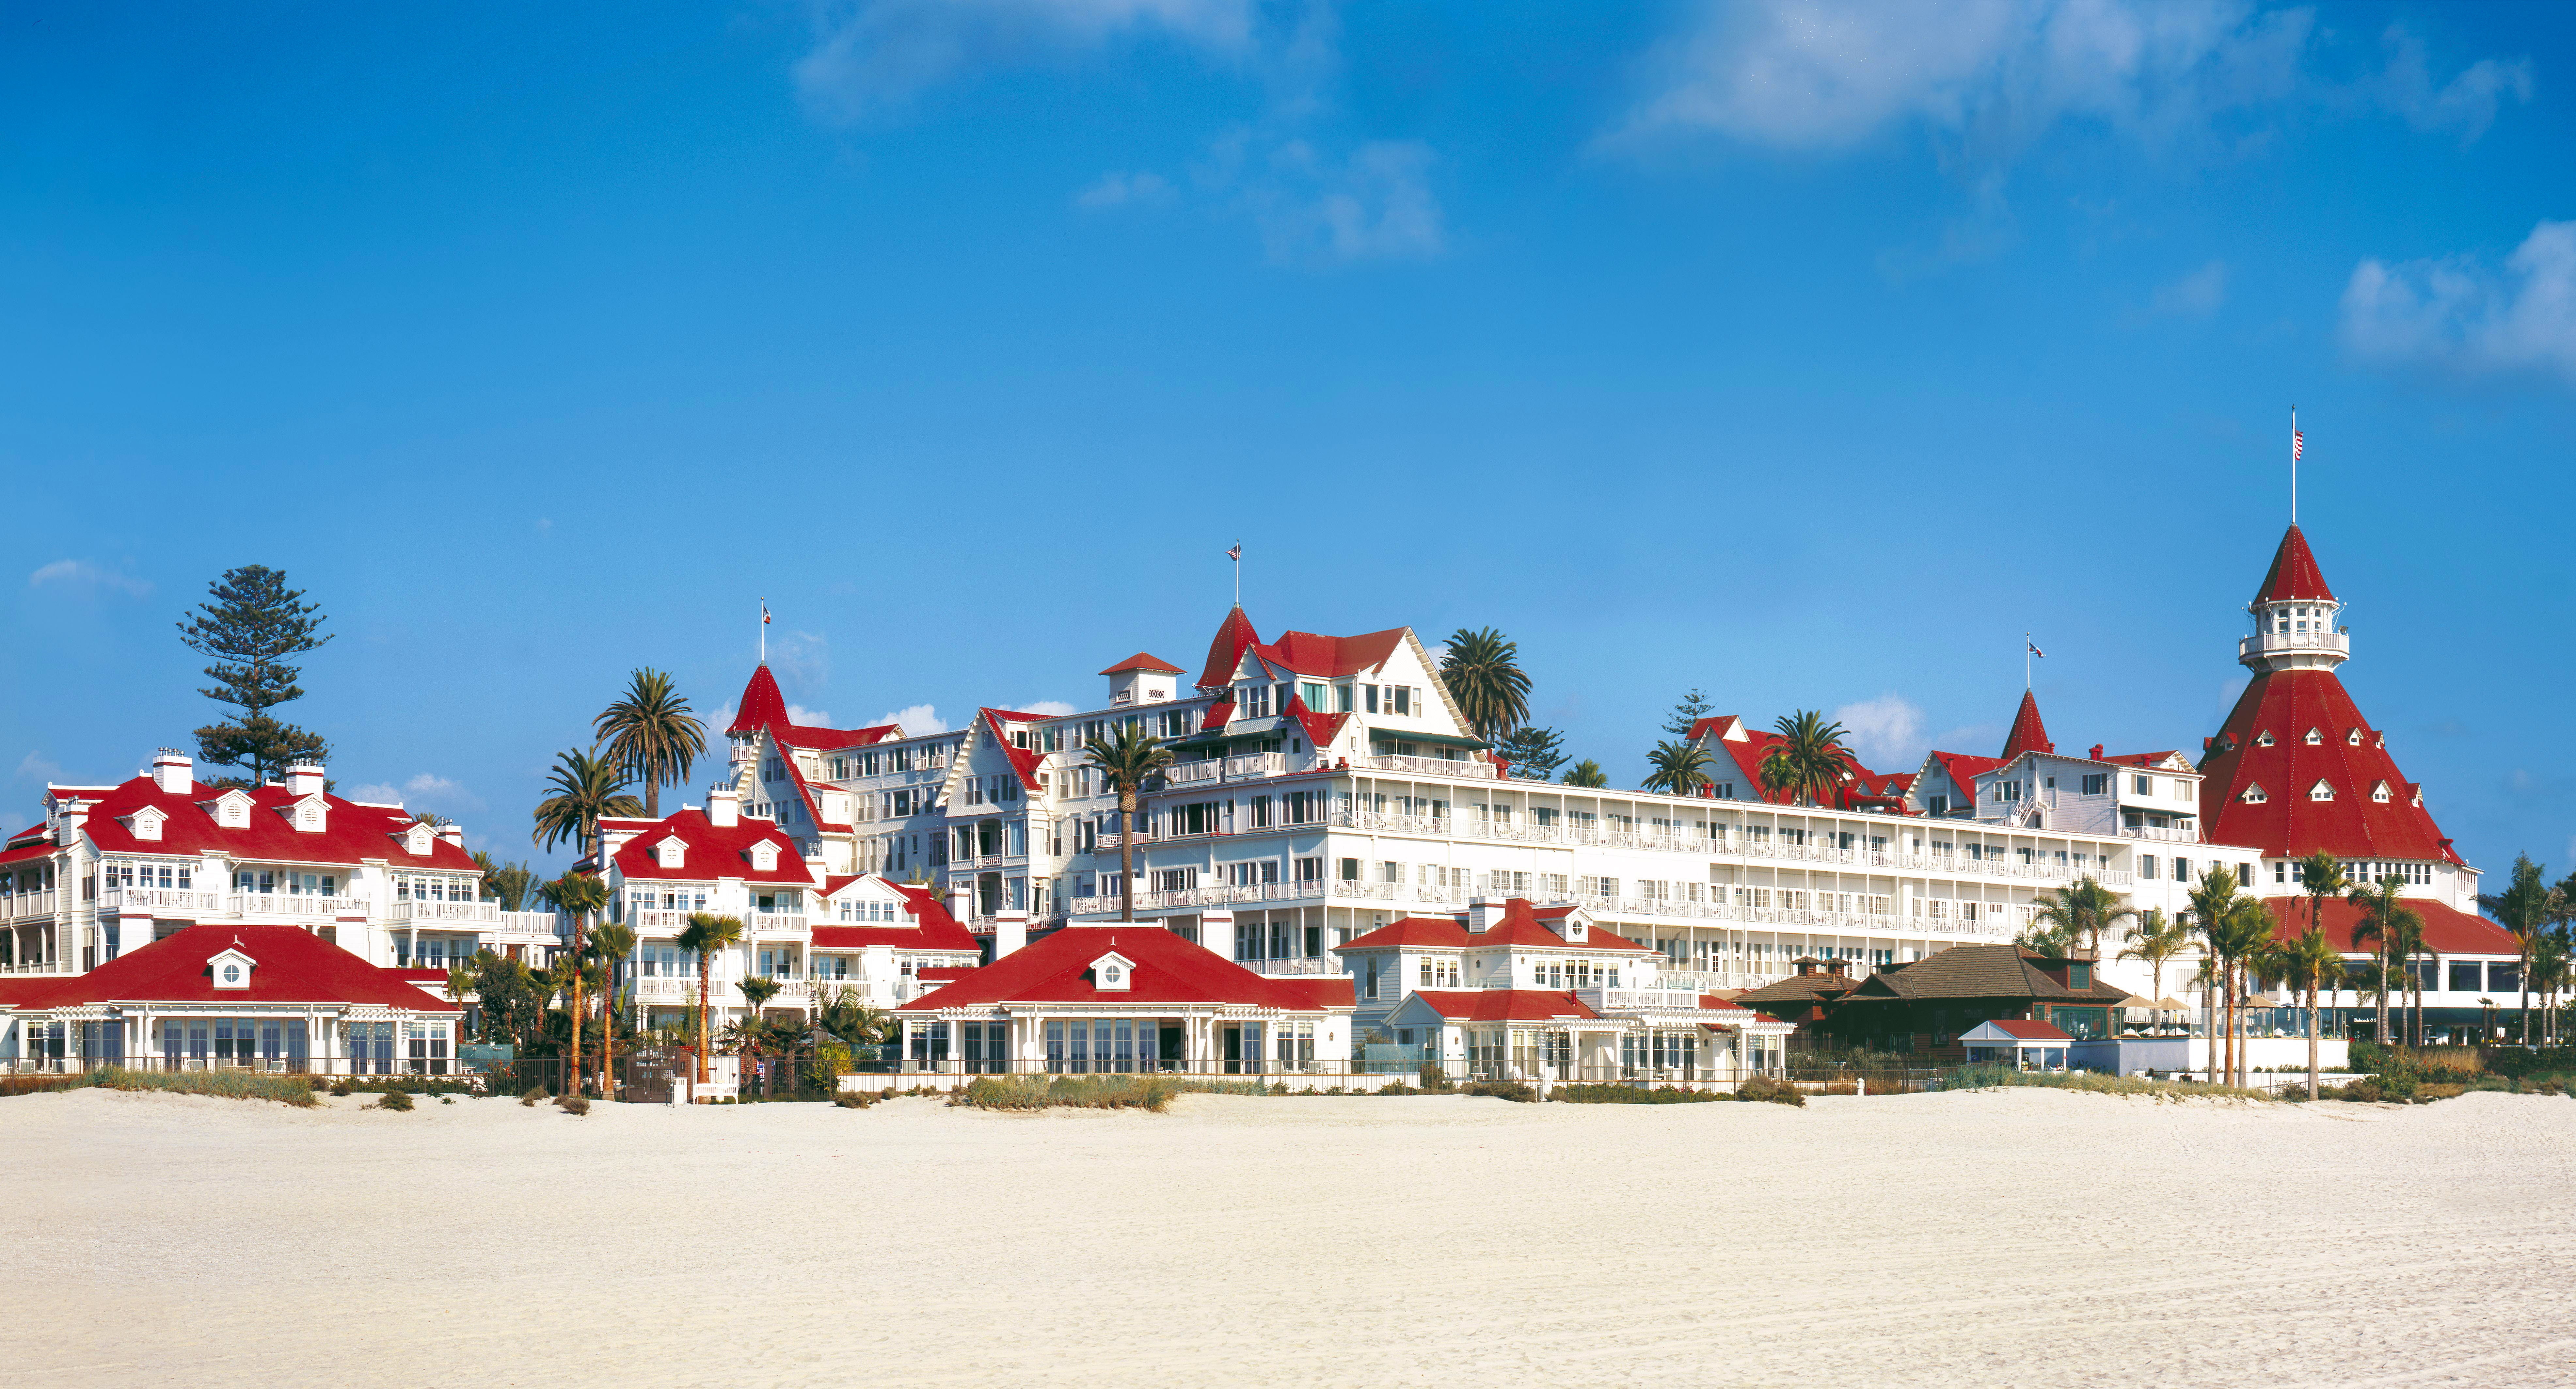 Hotel del Coronado, Curio Collection by Hilton (Photo: Business Wire)